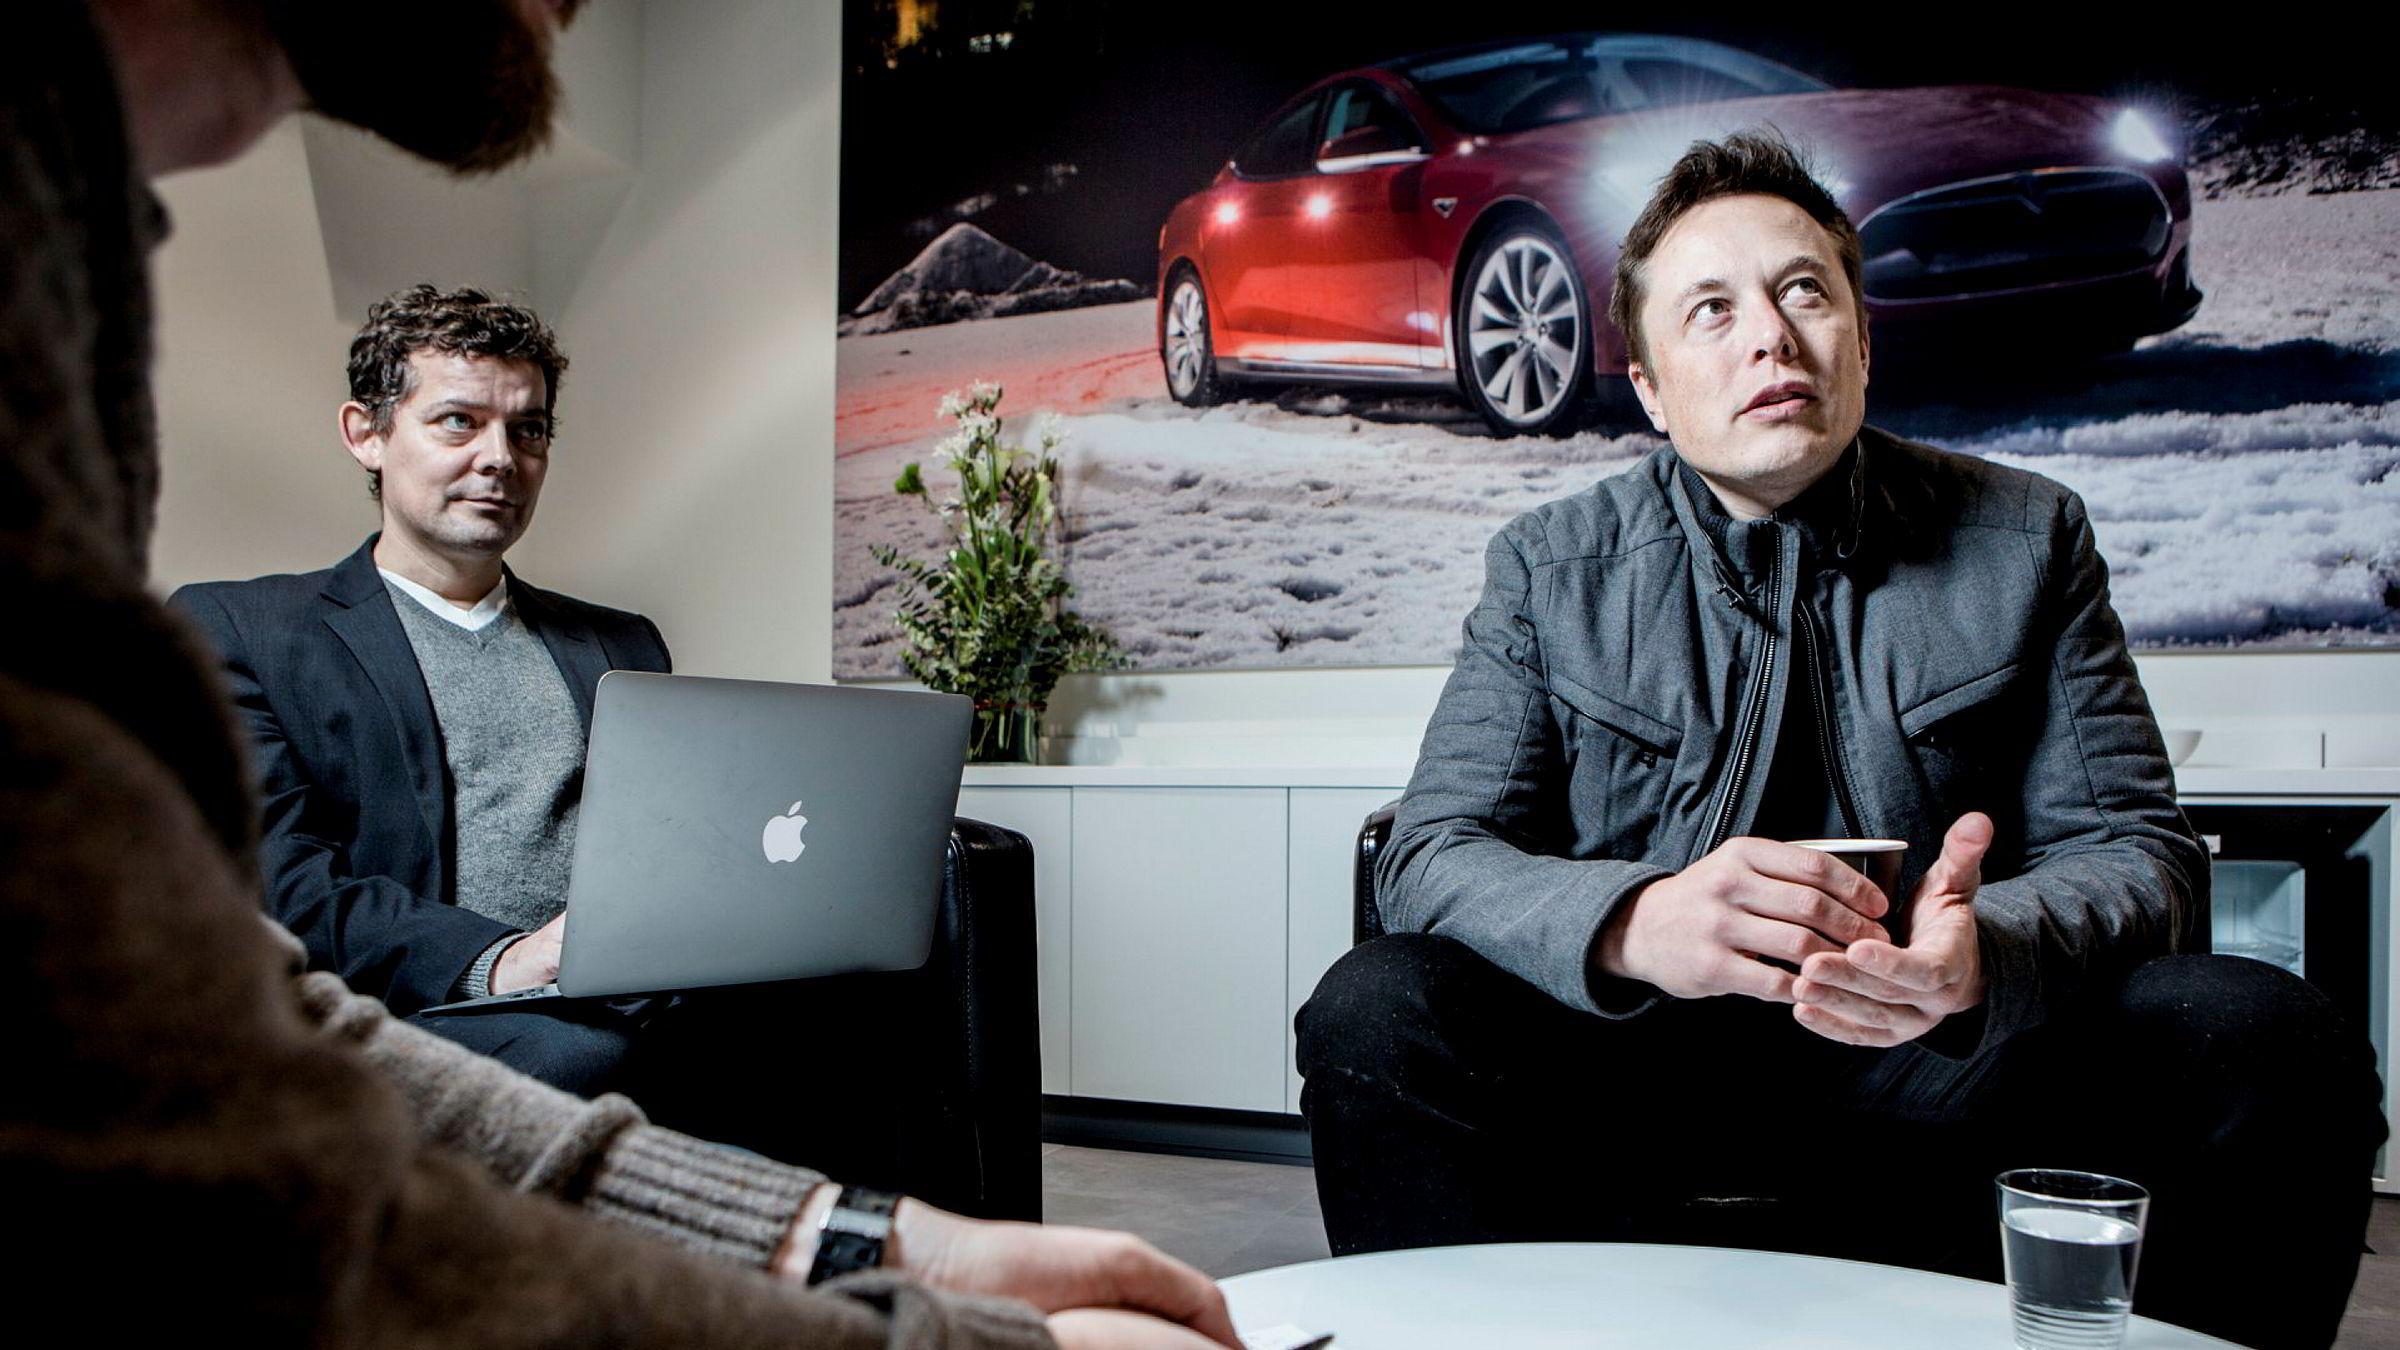 Elon Musk har vært styreleder i Tesla siden 2004. Nå skal aksjonærene stemme om han skal erstattes. Her er han fotografert på Skøyen i 2014, sammen med tidligere kommunikasjonssjef Esben Pedersen.